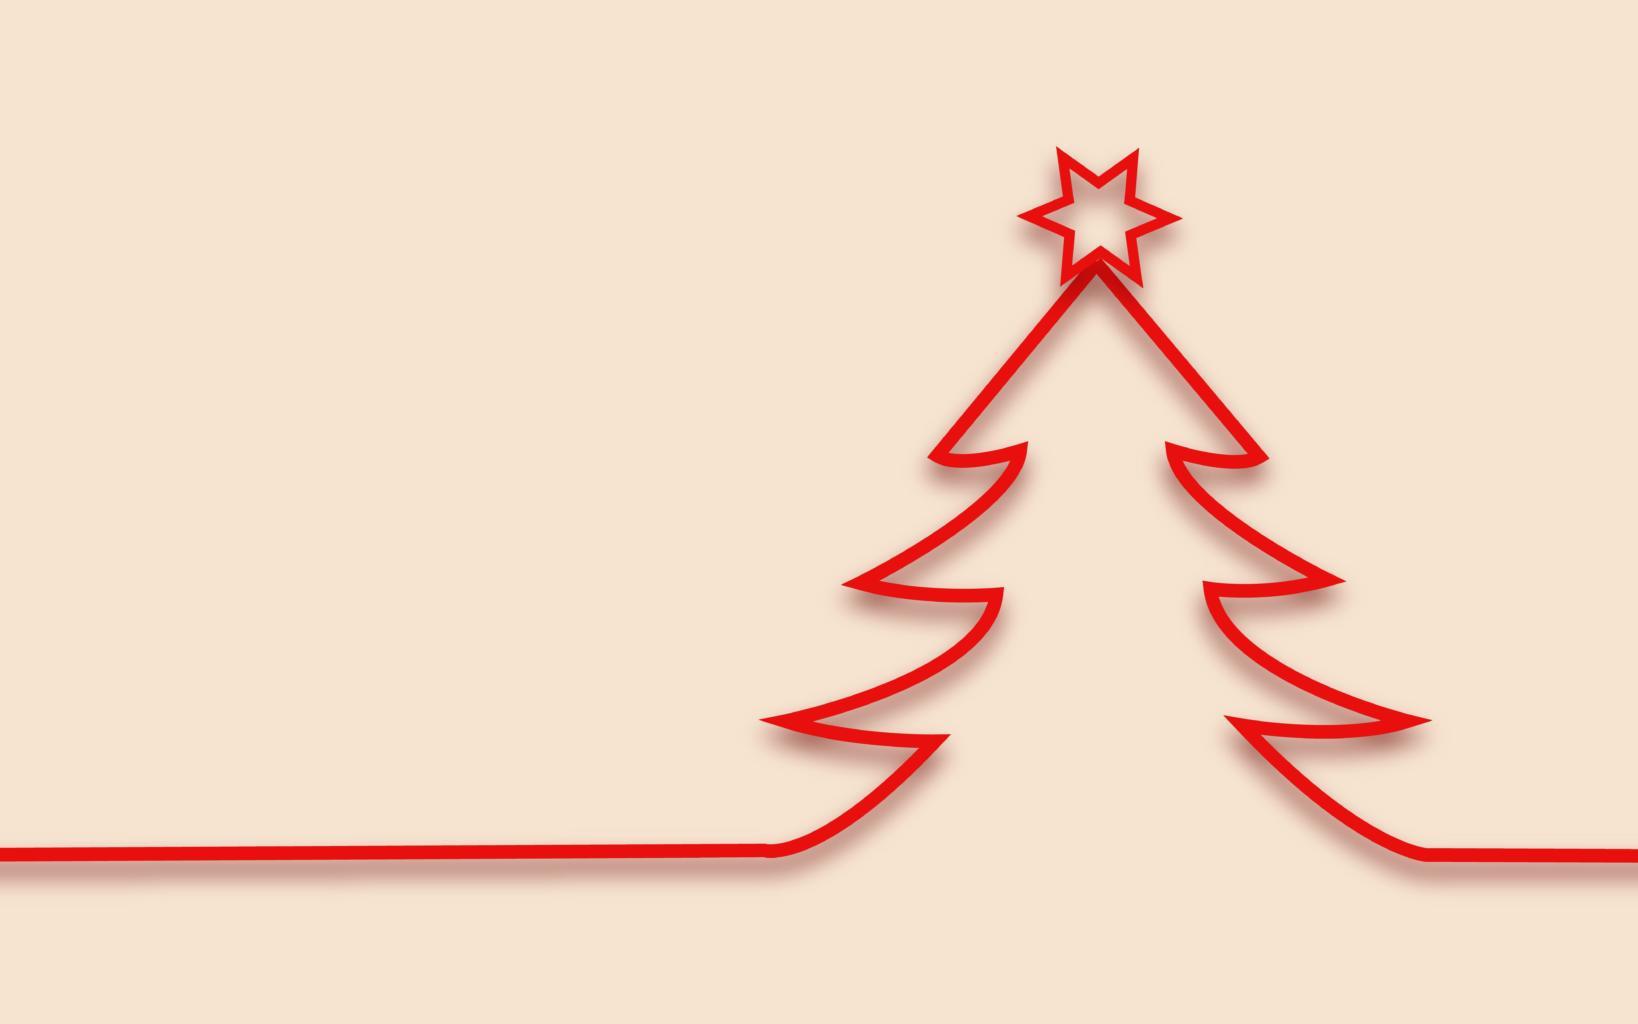 Invitation À Une Fête De Noël : Voici Des Modèles De Texte intérieur Ecriture De Noel A Imprimer